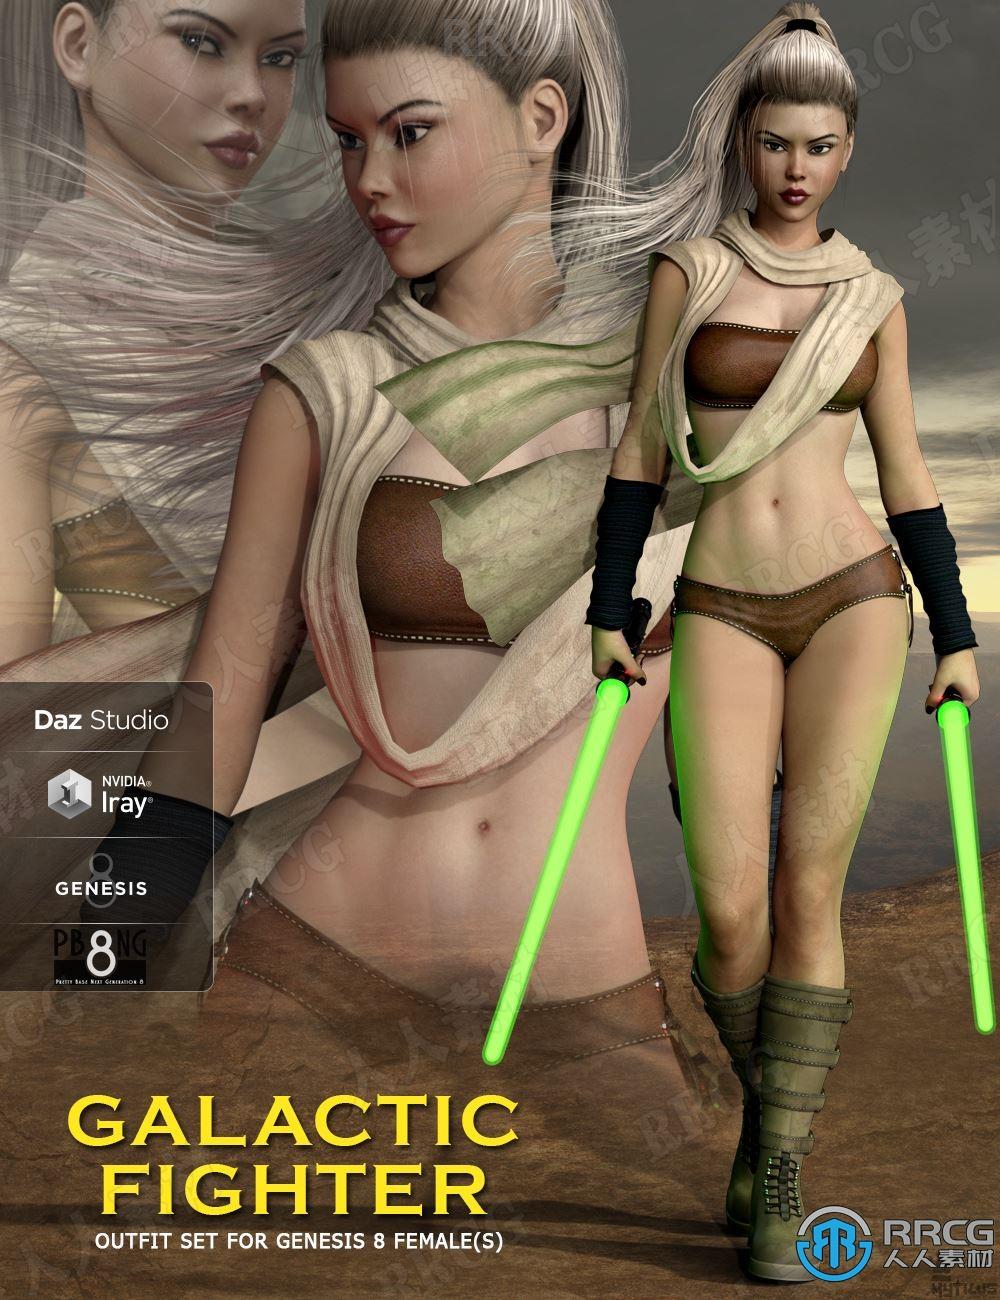 幻想银河战斗女性服饰套装武器3D模型合集